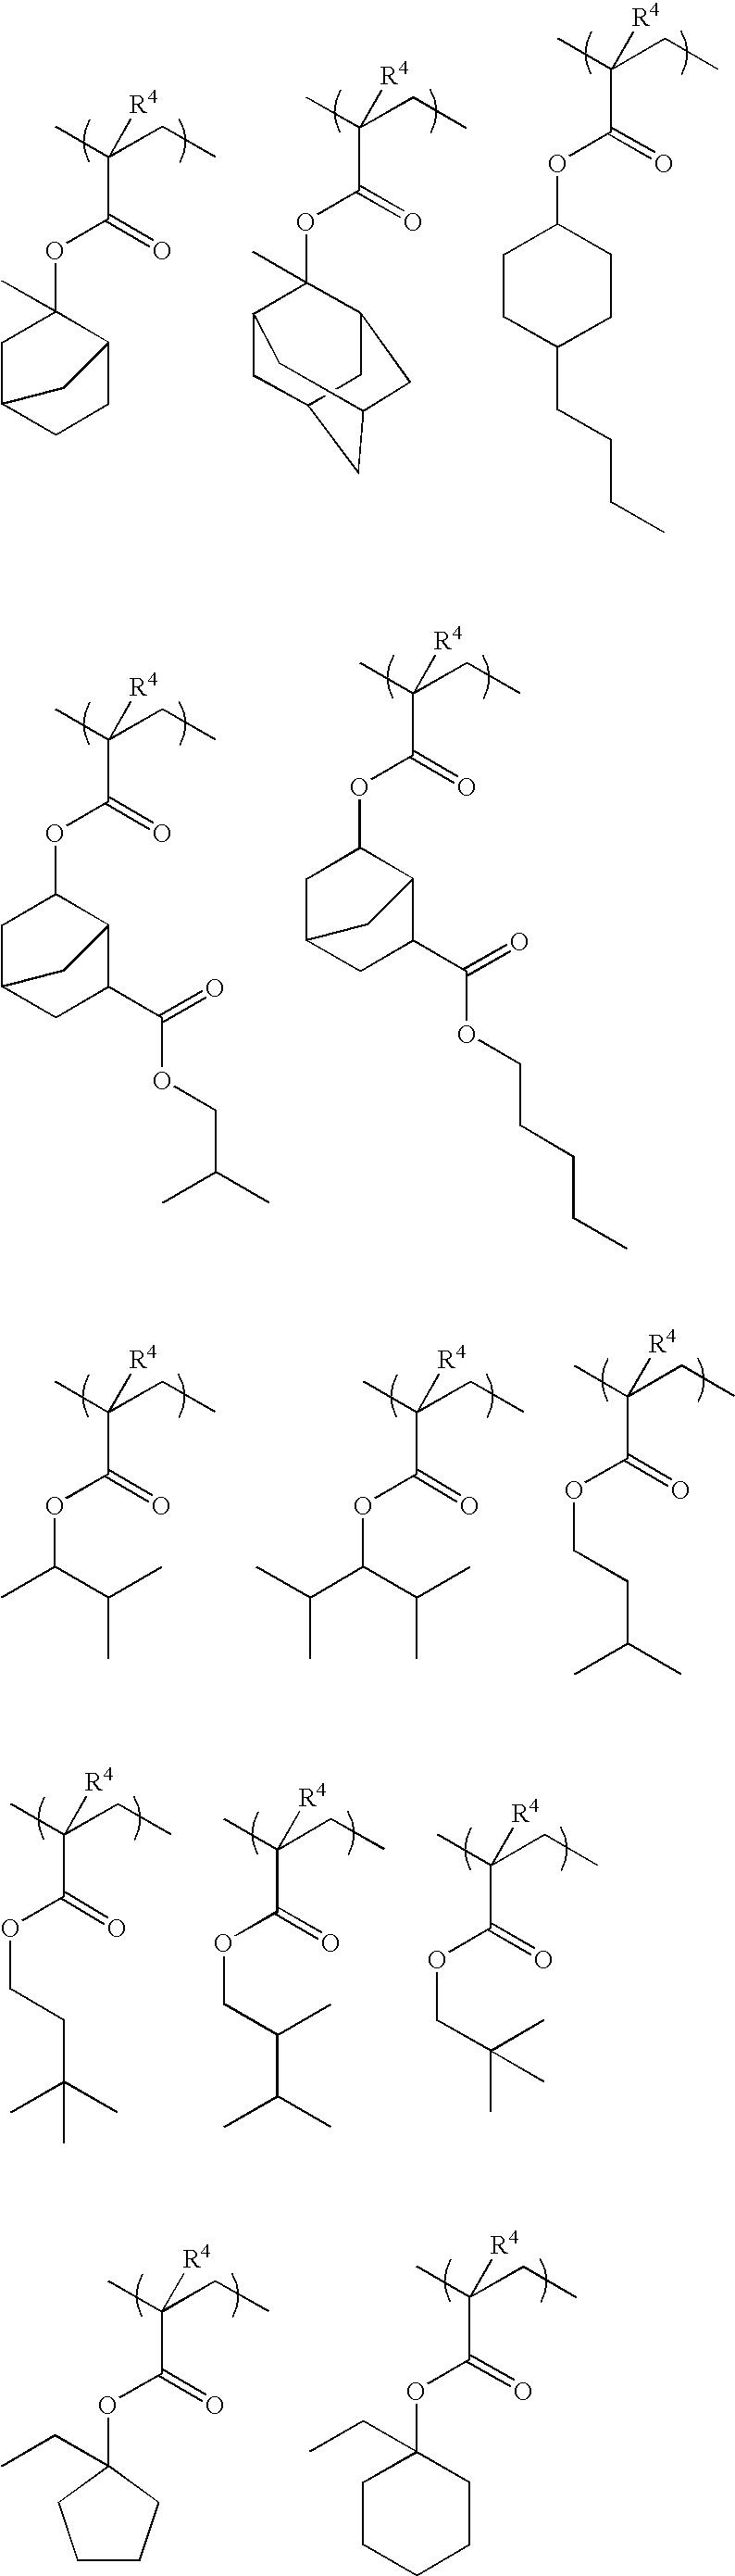 Figure US07771913-20100810-C00011